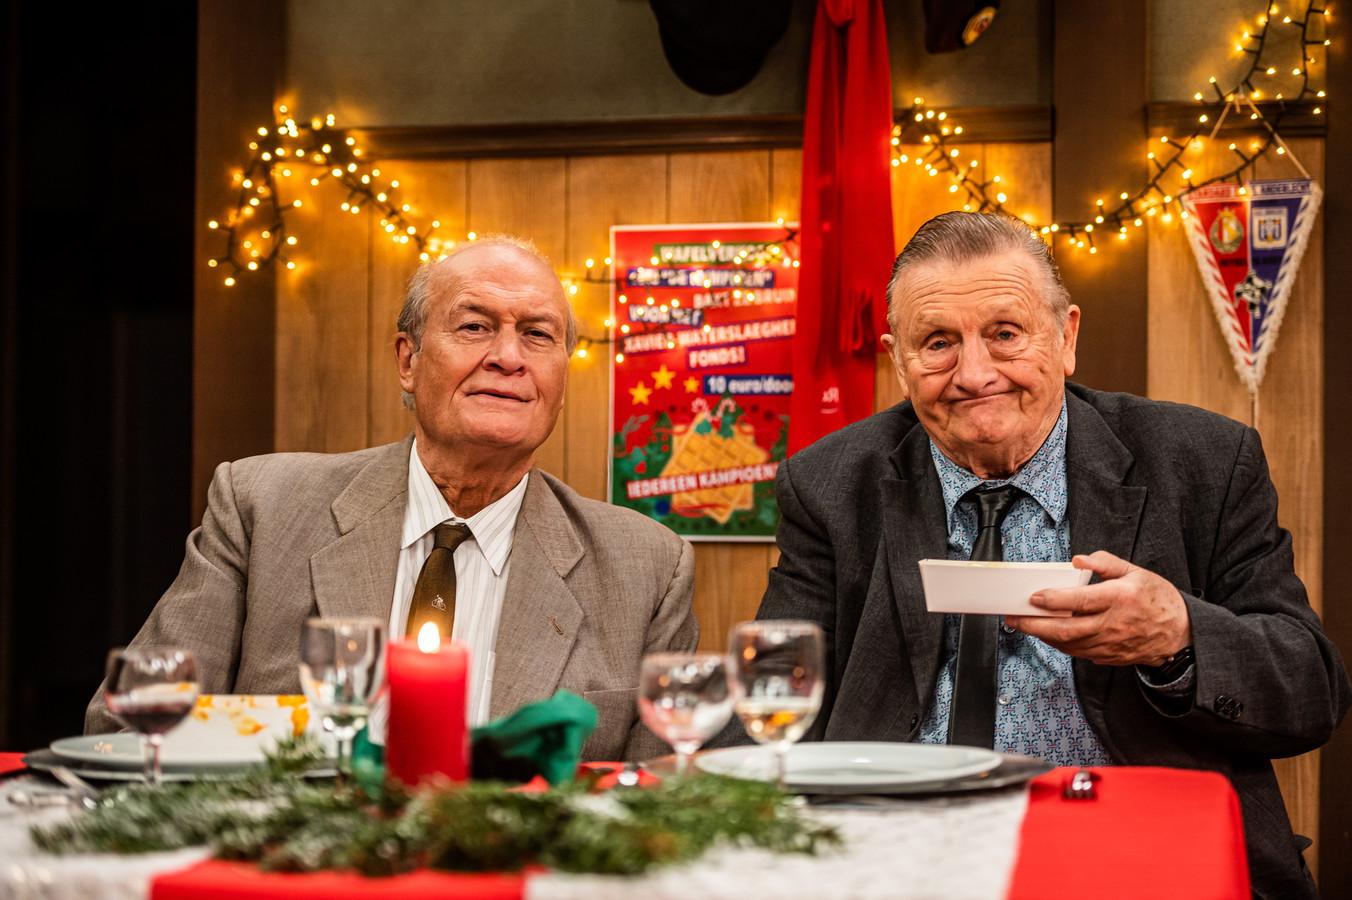 DDT en Fernand tijdens de special, die vorig jaar op kerstdag te zien was.